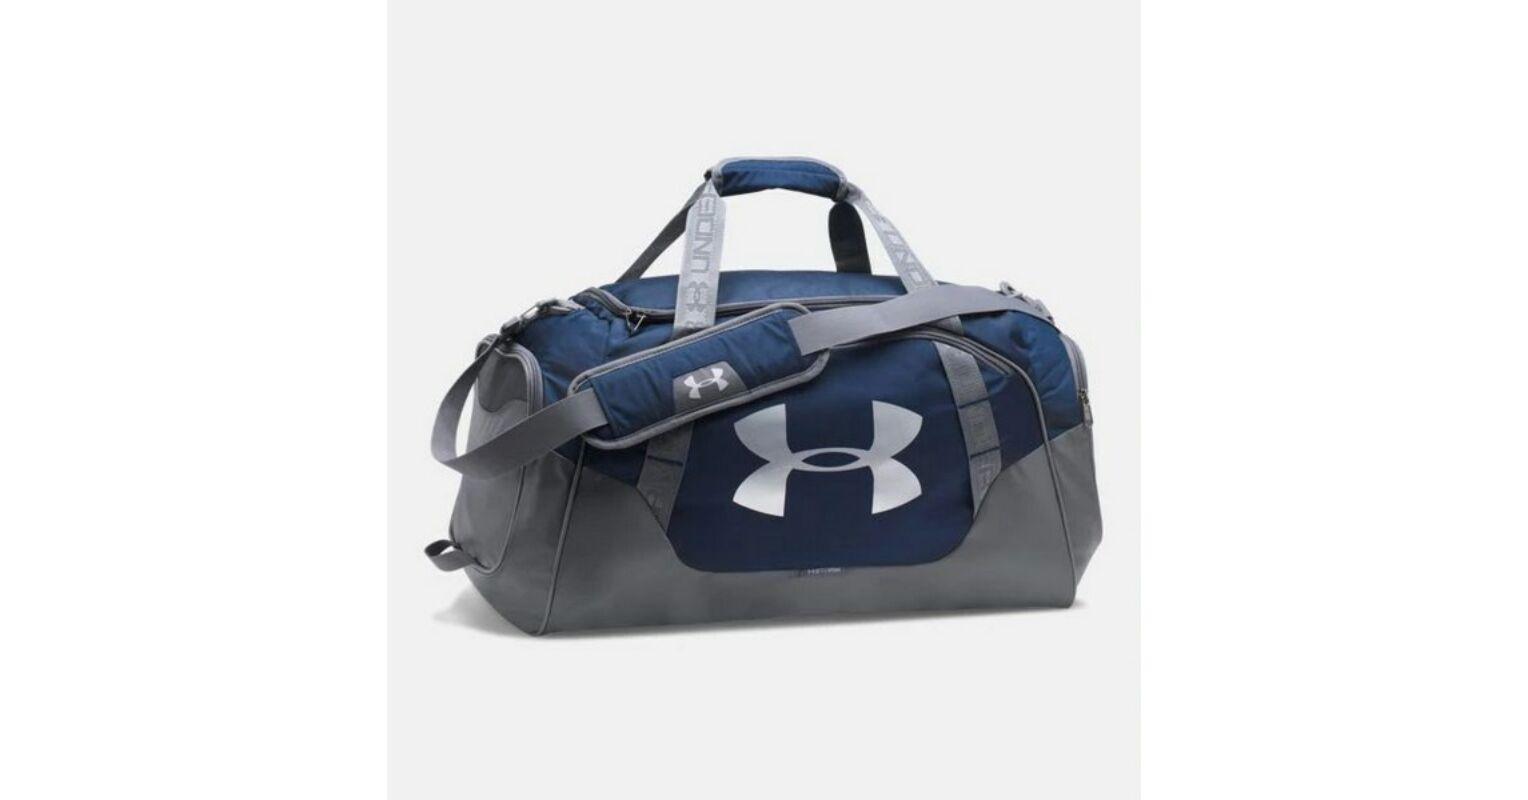 f0fbfb1cf443 UA UNDENIABLE DUFFLE 3.0 MD - SPORTTÁSKÁK - Táska webáruház - Minőségi  táskák mindenkinek